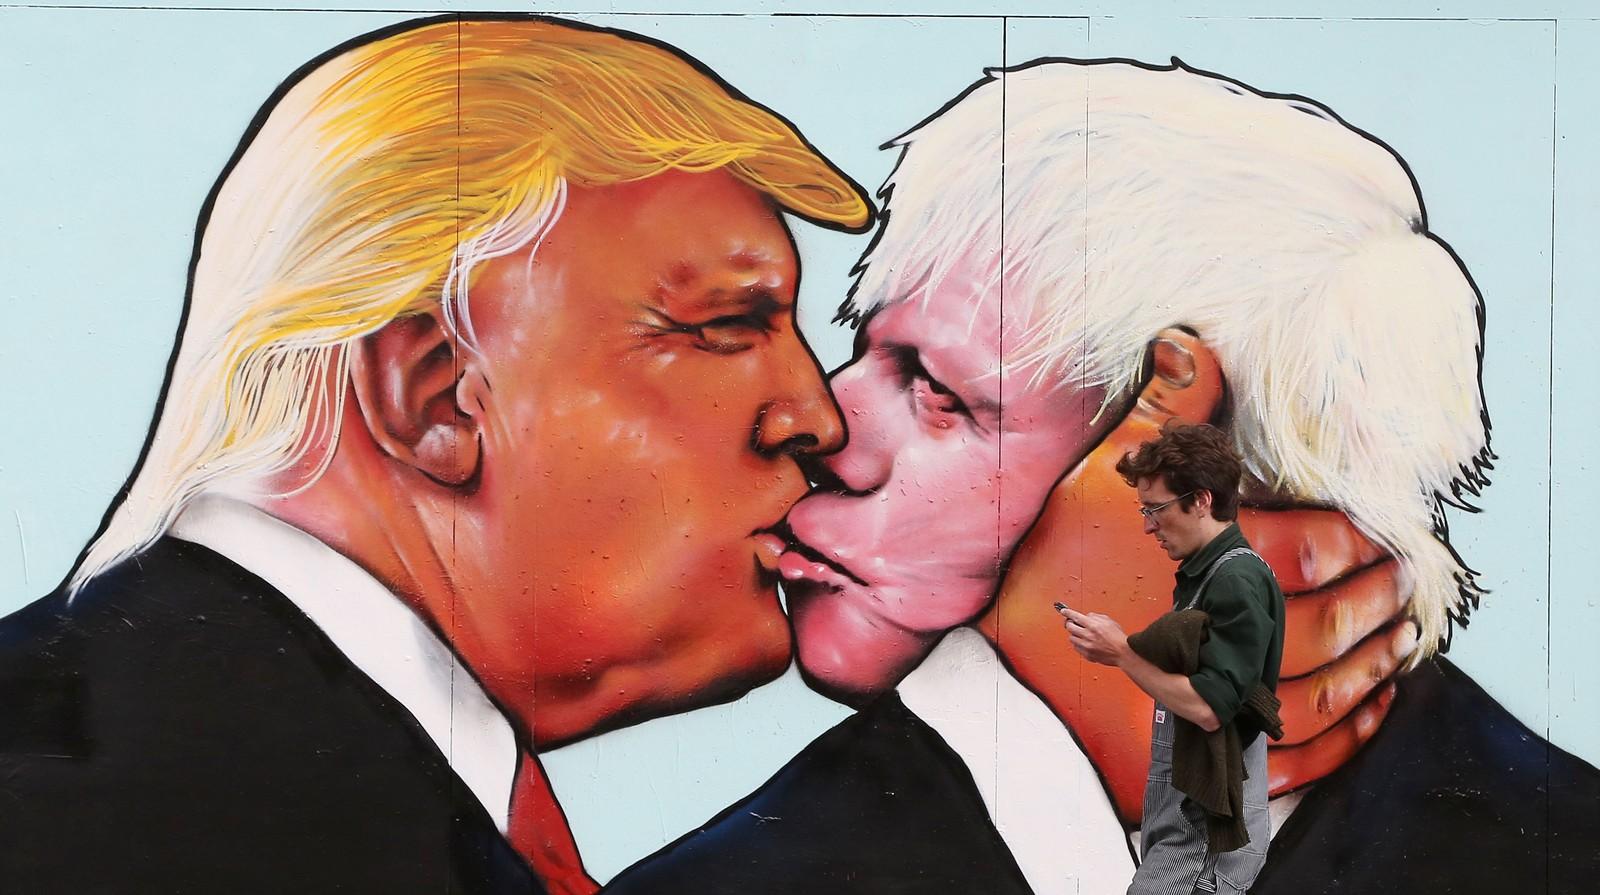 Britiske EU-tilhengere sto bak dette kunstverket i Bristol denne uka. Bildet, som minner om det legendariske Bresjnev-Honecker-bildet fra Berlin-muren, viser EU-moststanderne Donald Trump og Boris Johnson i samme positur.